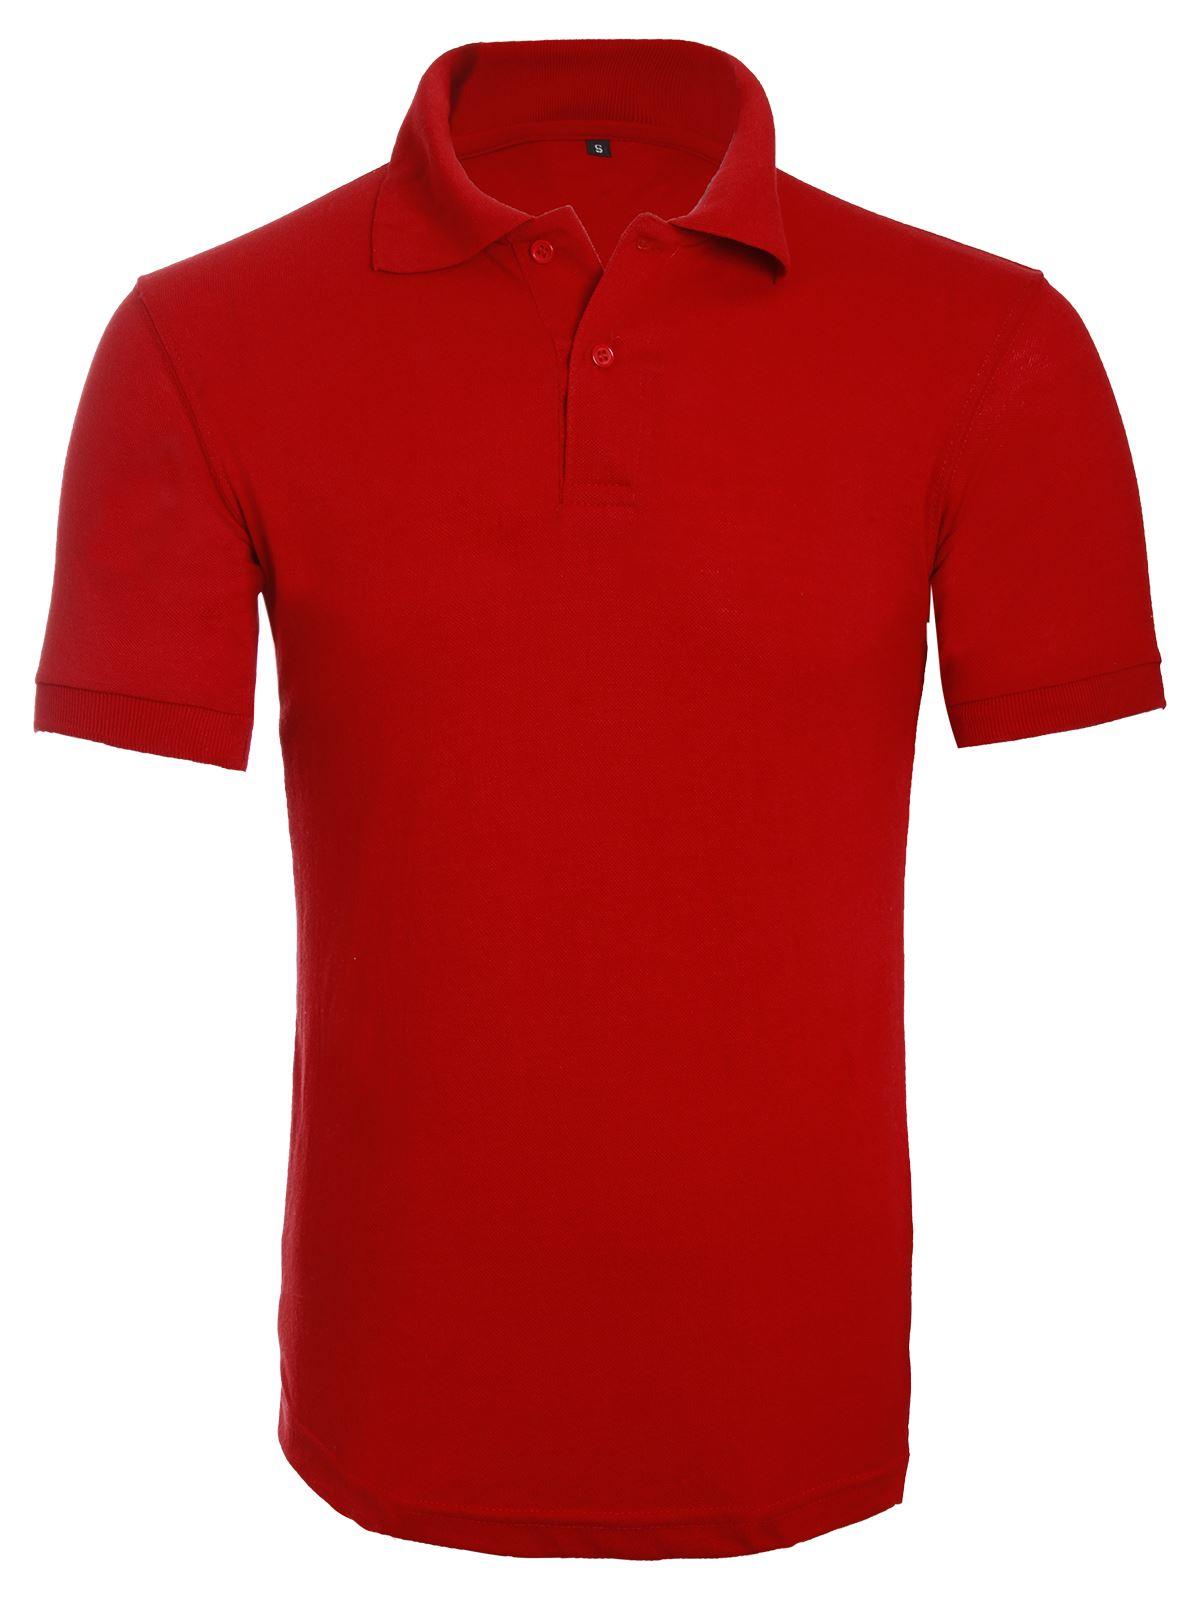 Unisex Womens Mens Plain Polo Casual Work Wear T Shirt